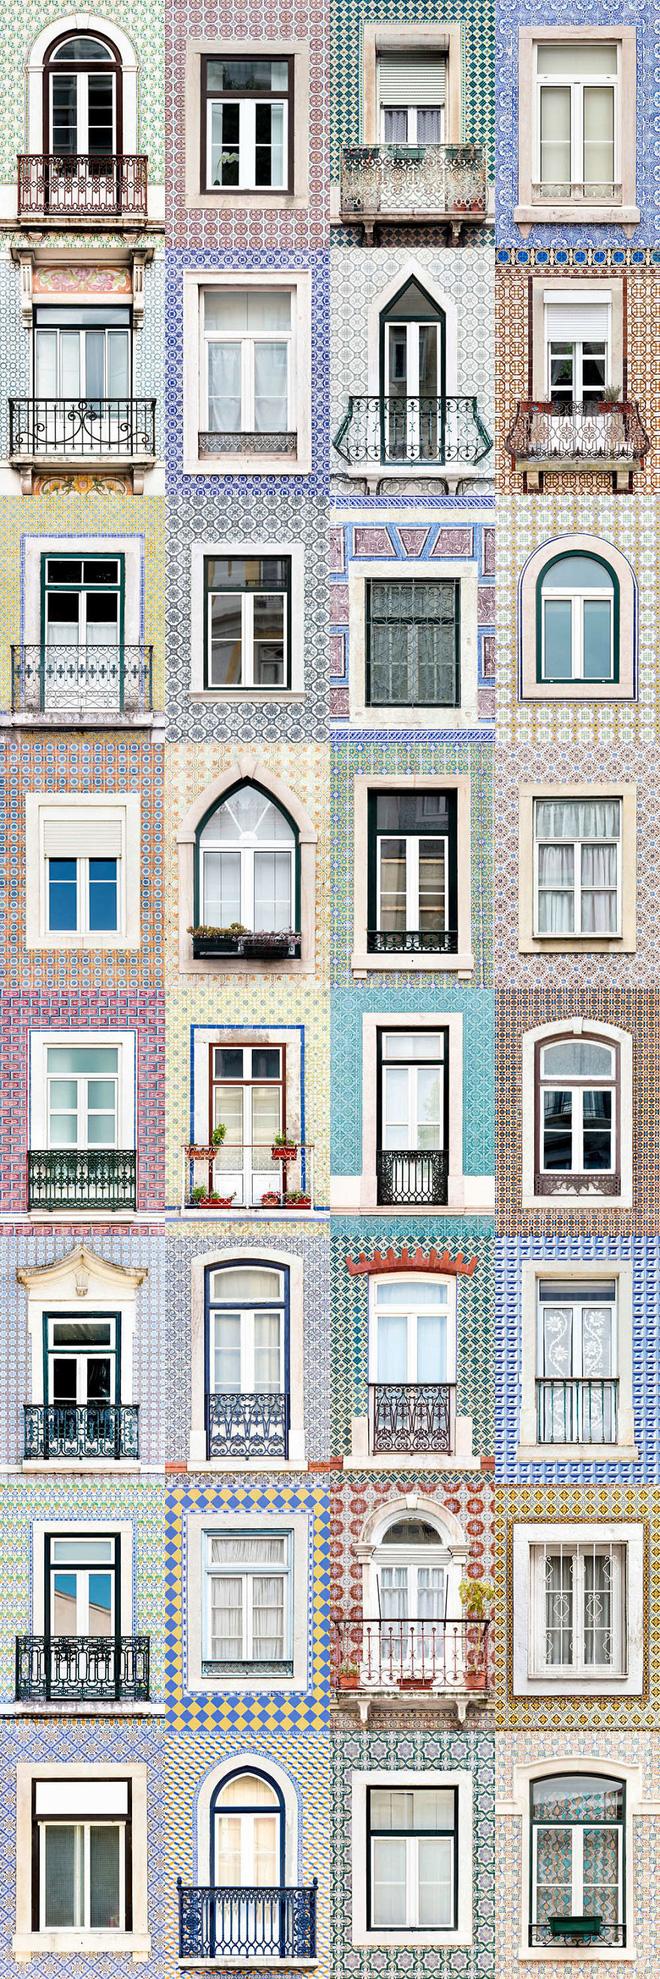 Mãn nhãn với 14 phong cách thiết kế cửa sổ ấn tượng ở Bồ Đào Nha - Ảnh 1.